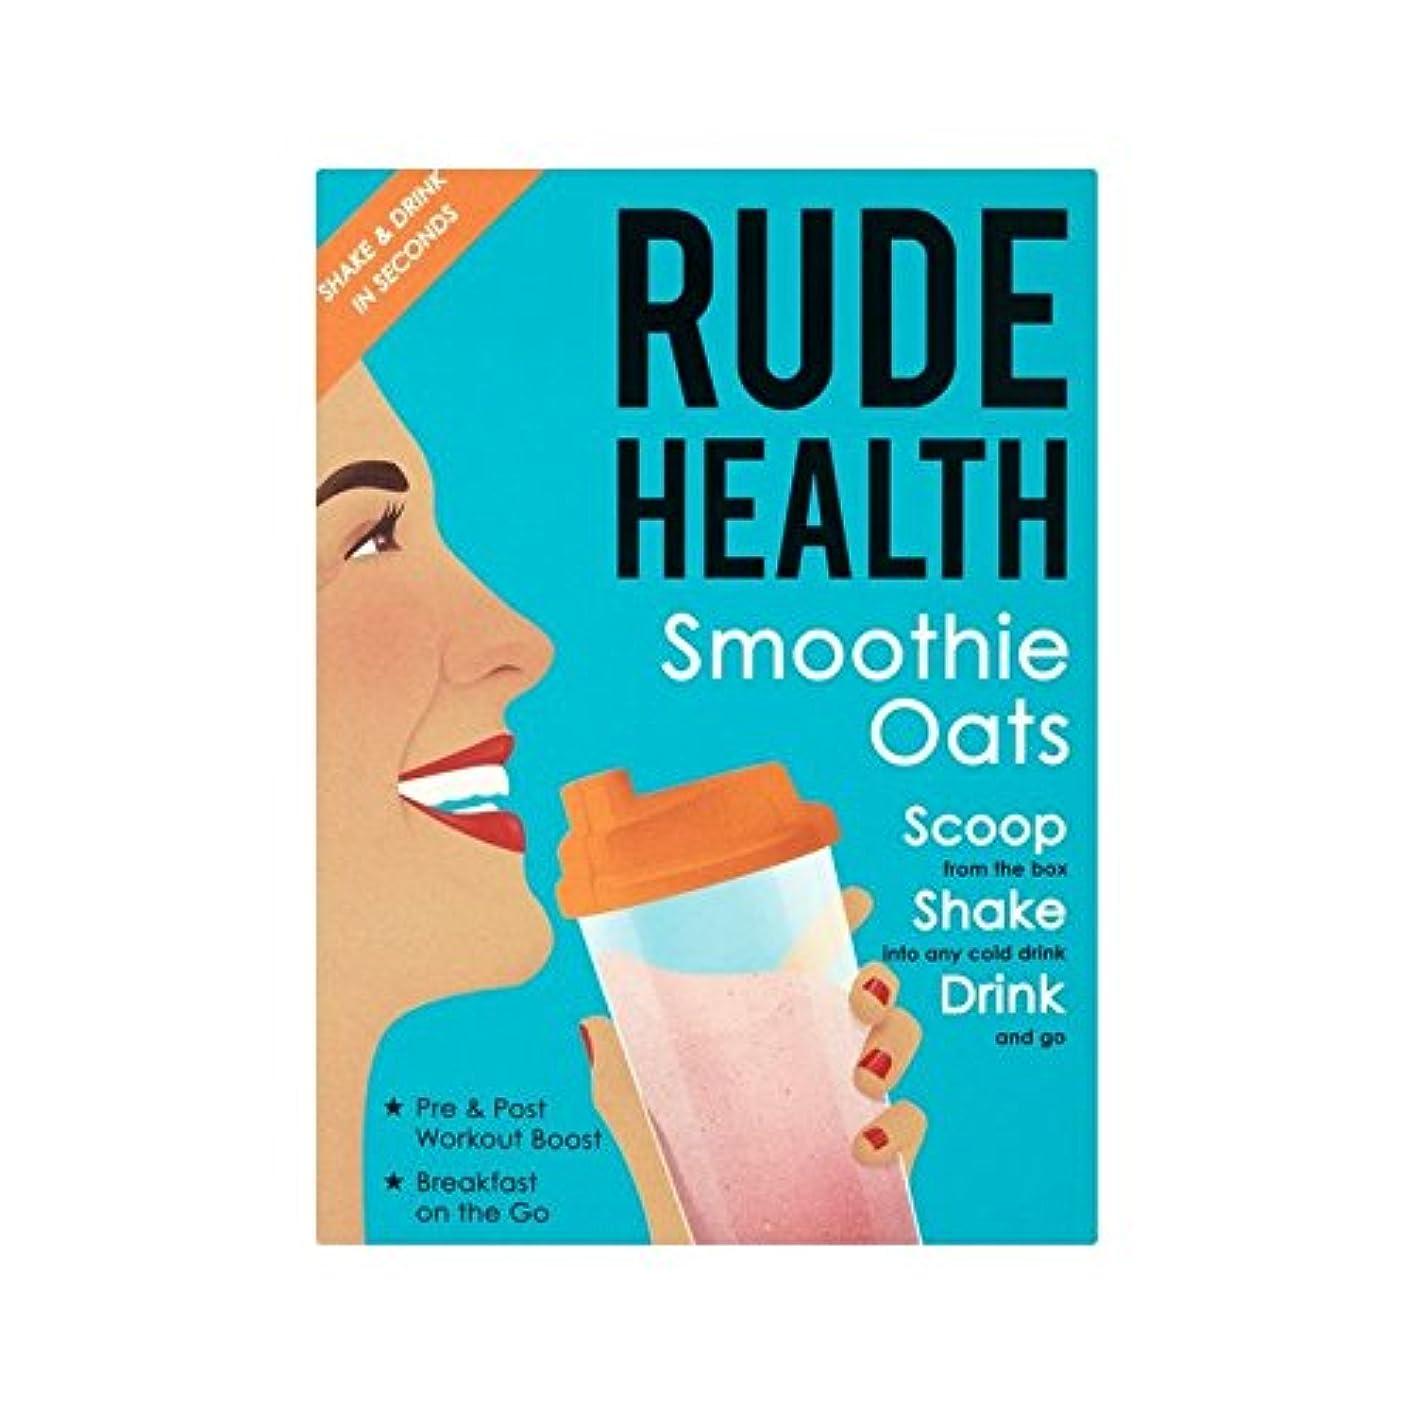 住むトラック彼らスムージーオート麦250グラム (Rude Health) - Rude Health Smoothie Oats 250g [並行輸入品]